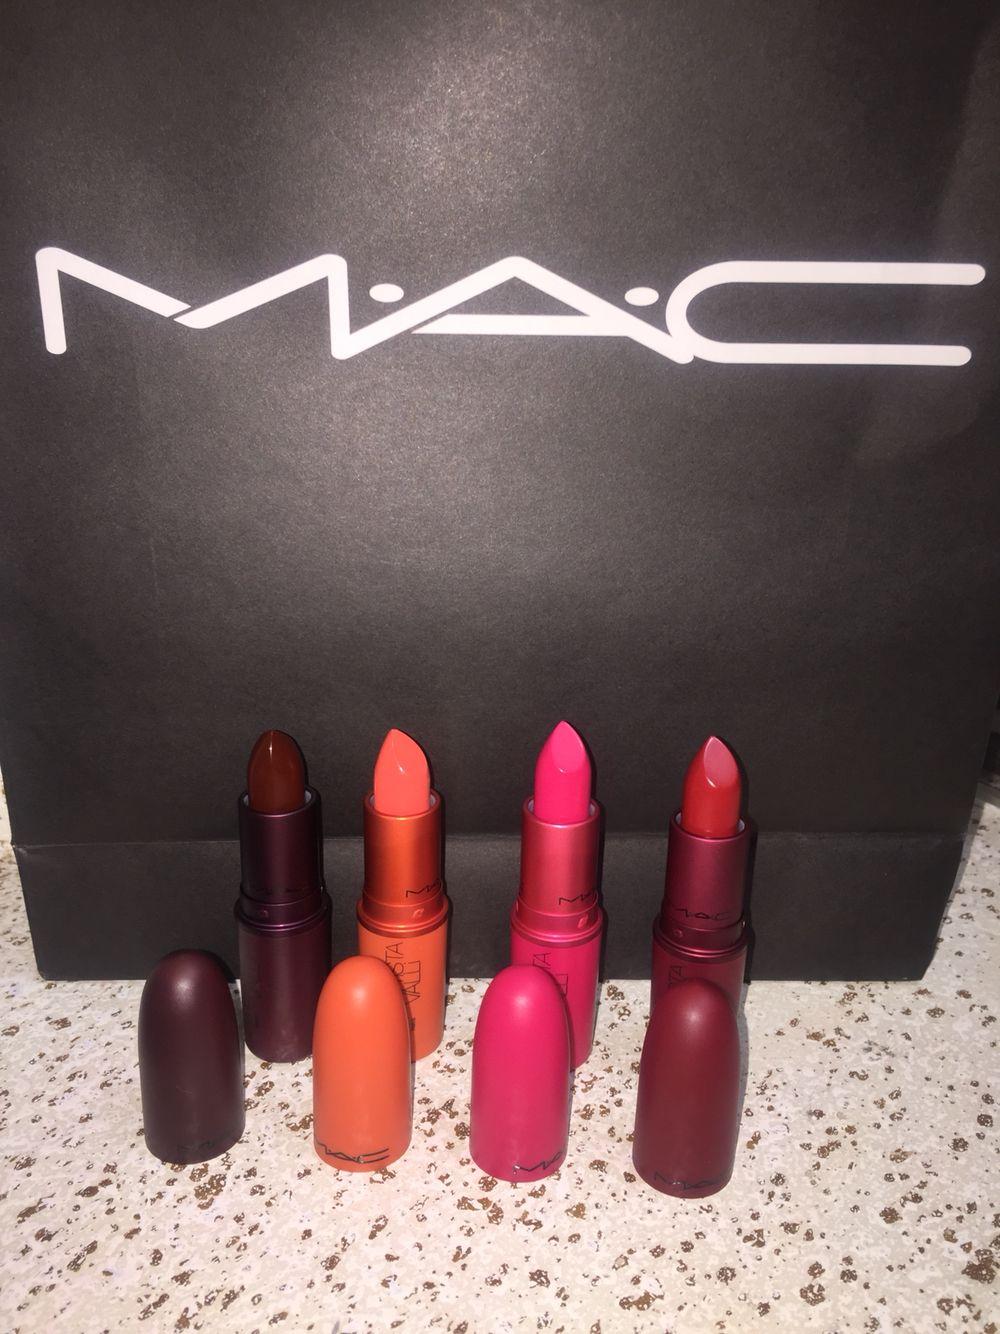 Matte lippies lippies lipstick earbuds